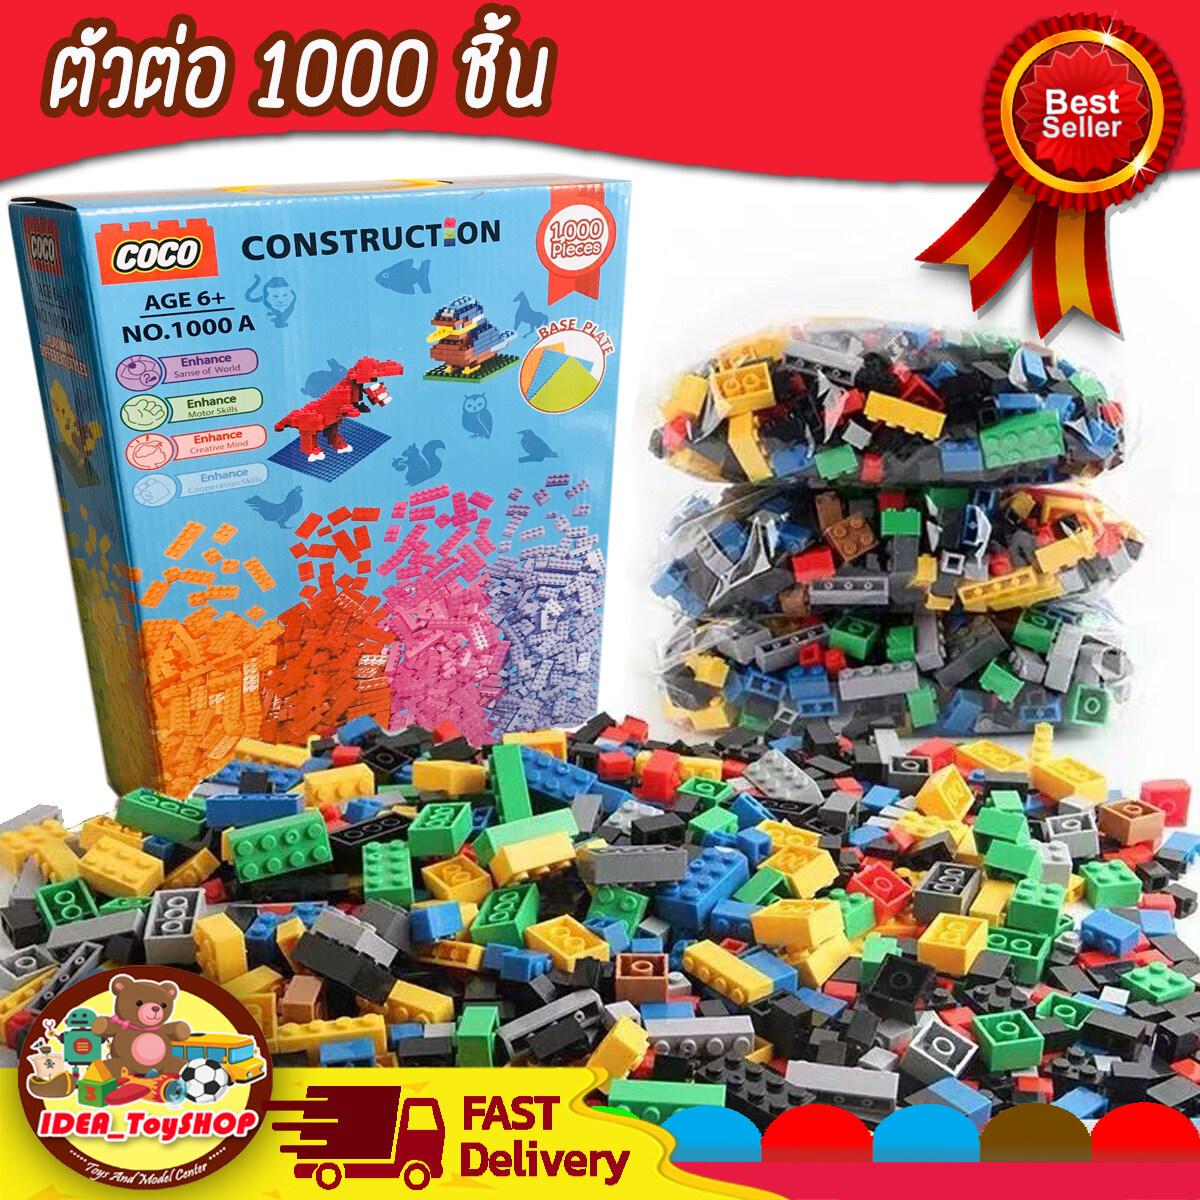 บล๊อกตัวต่อ เสริมพัฒนาการ 1000 ชิ้น ของเล่นเด็ก Toys สร้างเสริมพัฒนาการเด็ก ของเล่นสำหรับเด็ก kidtoy